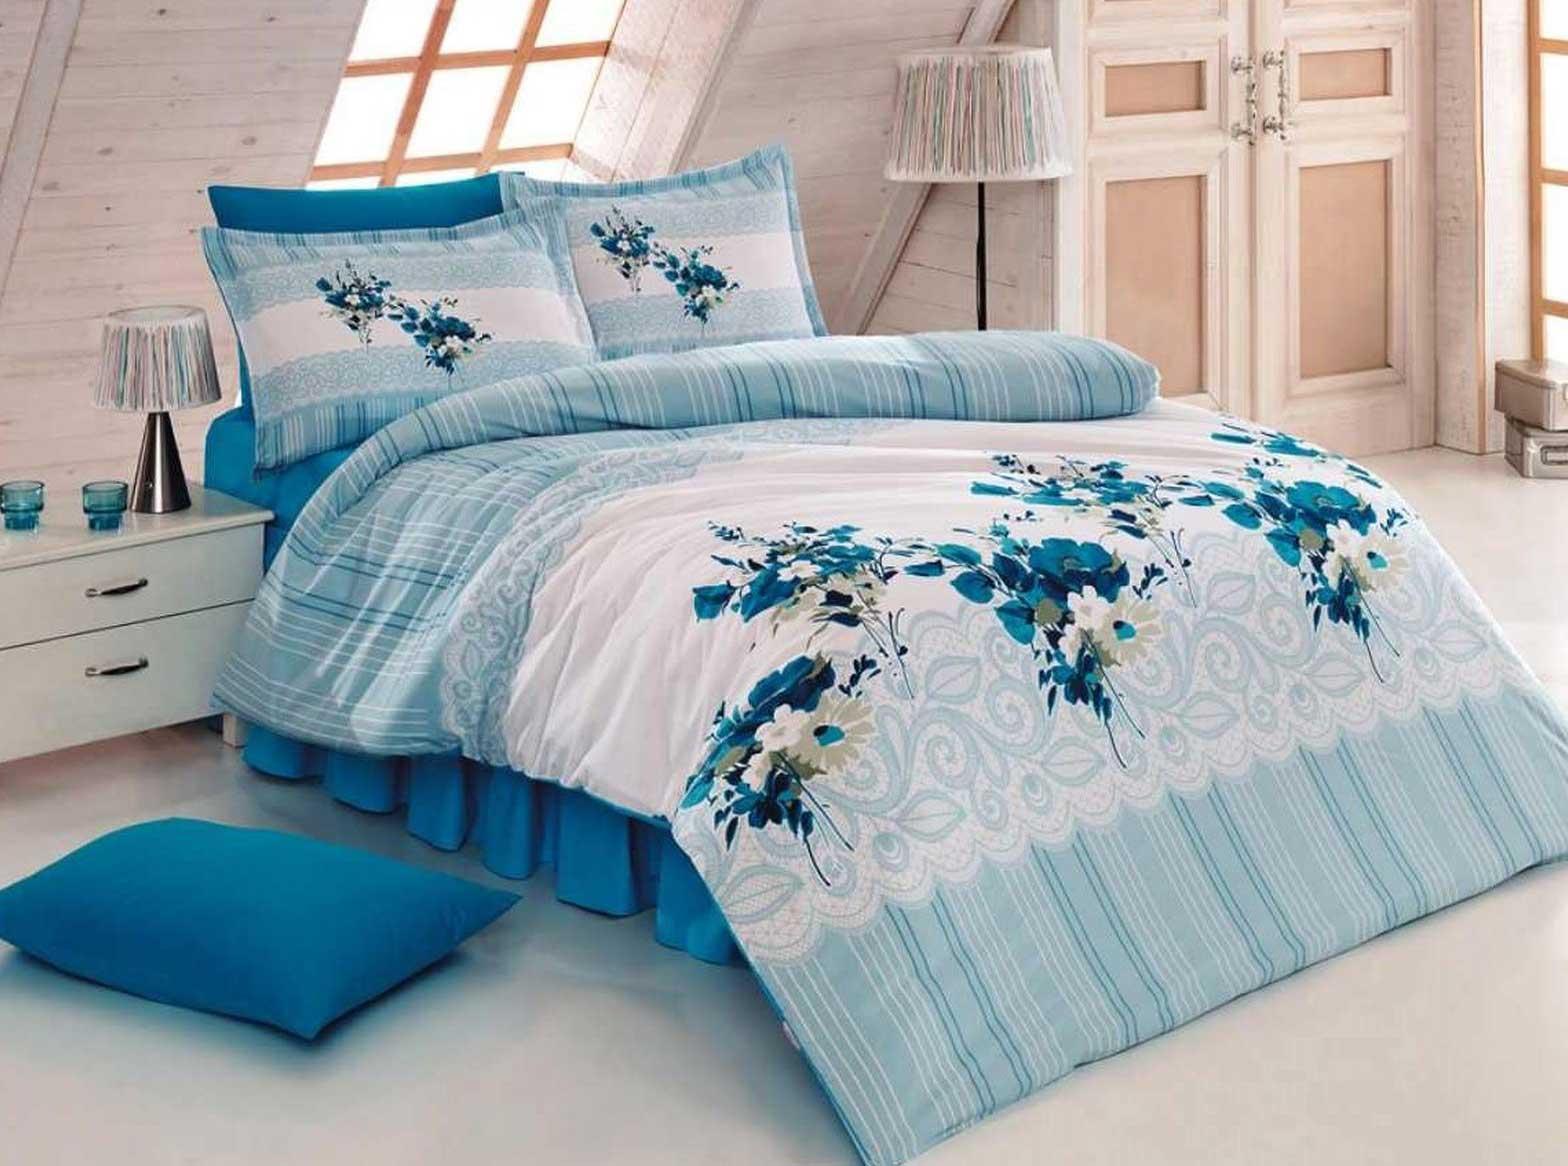 5 tlg bettw sche bettgarnitur 100 kissen baumwolle 200 x. Black Bedroom Furniture Sets. Home Design Ideas